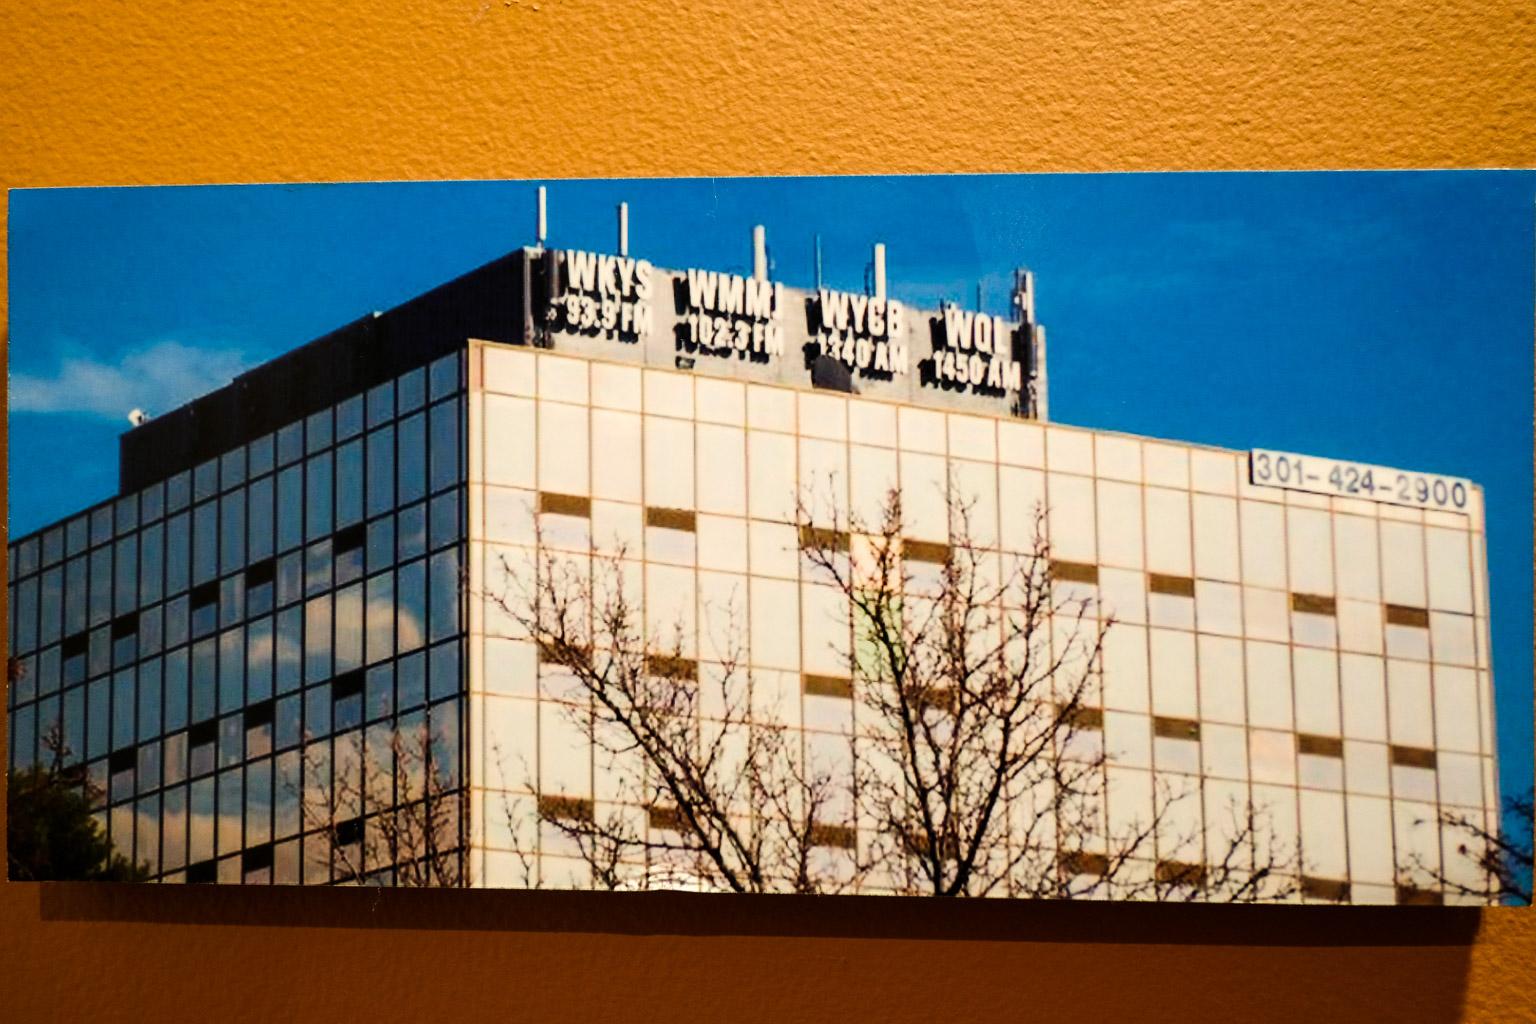 The Lanham facility where the WOL sign originally hung.